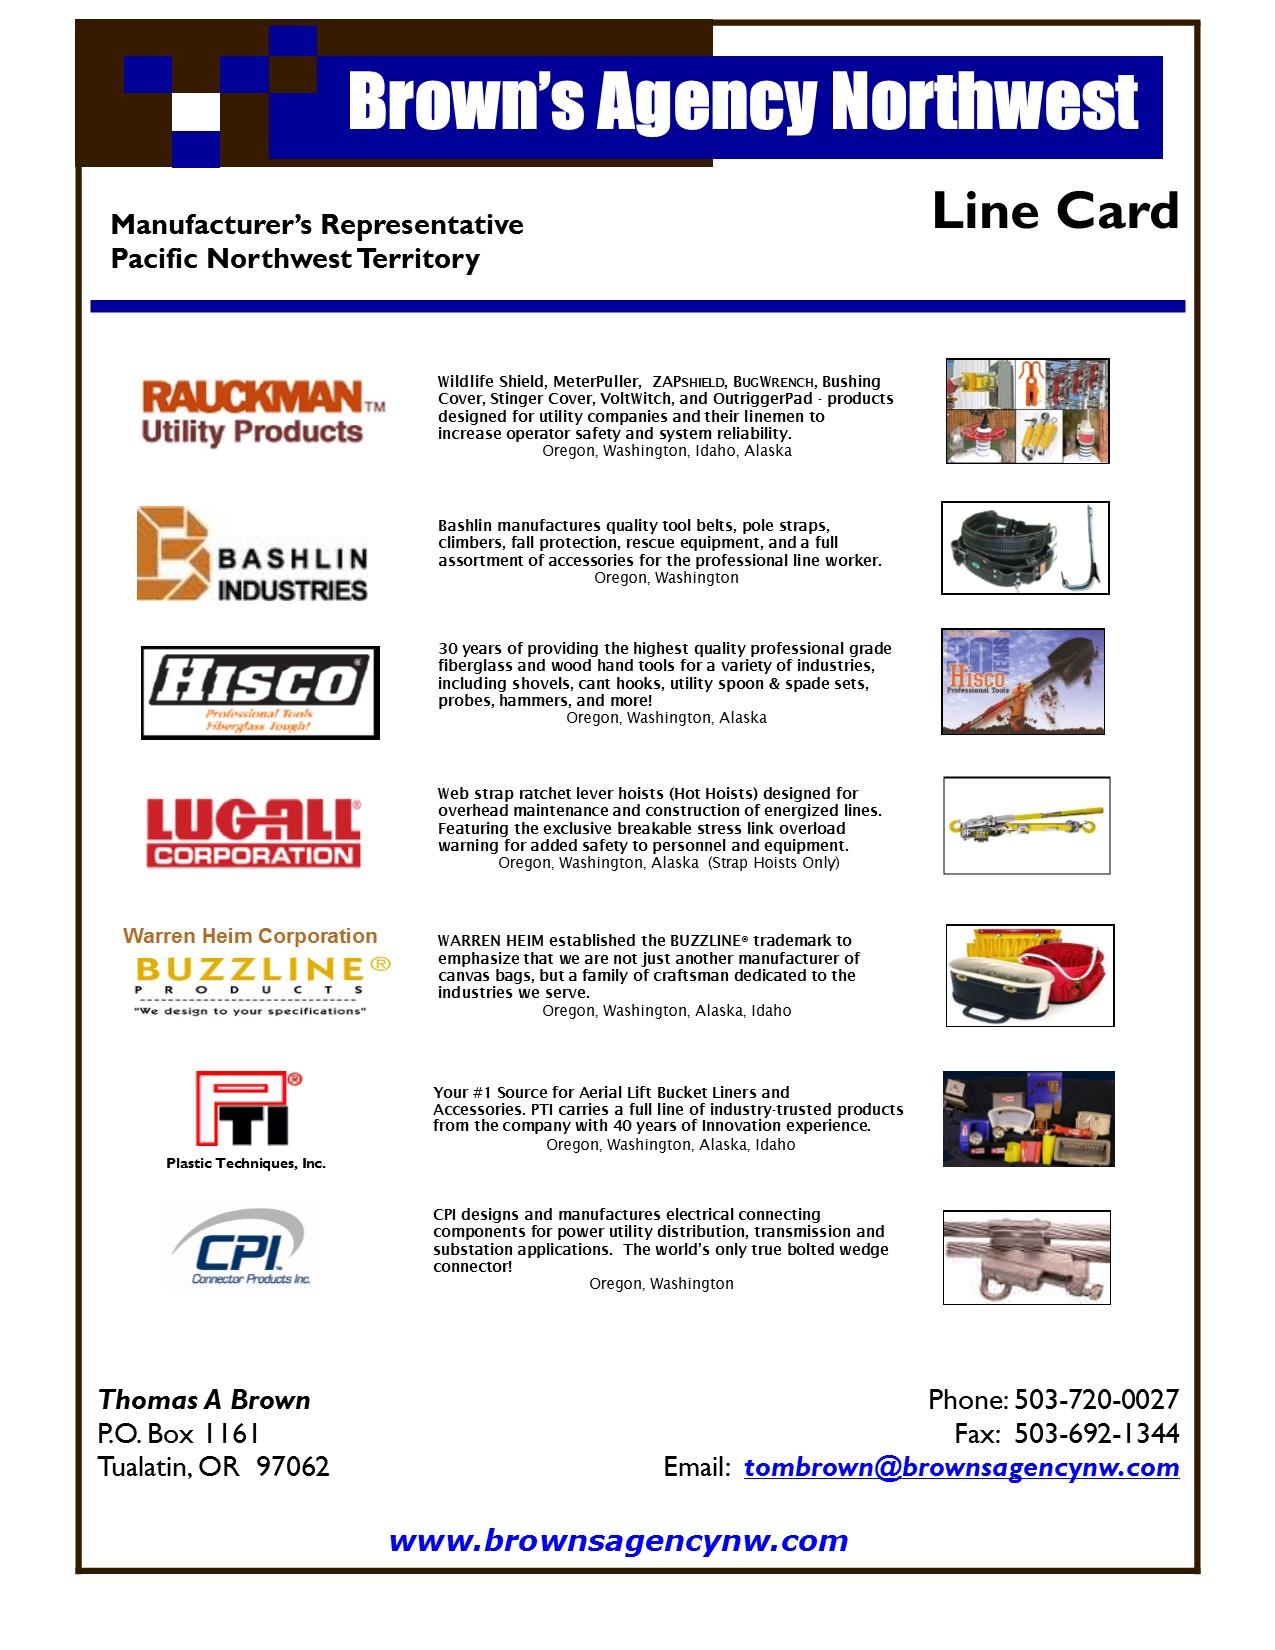 LINE CARD FEB 2016